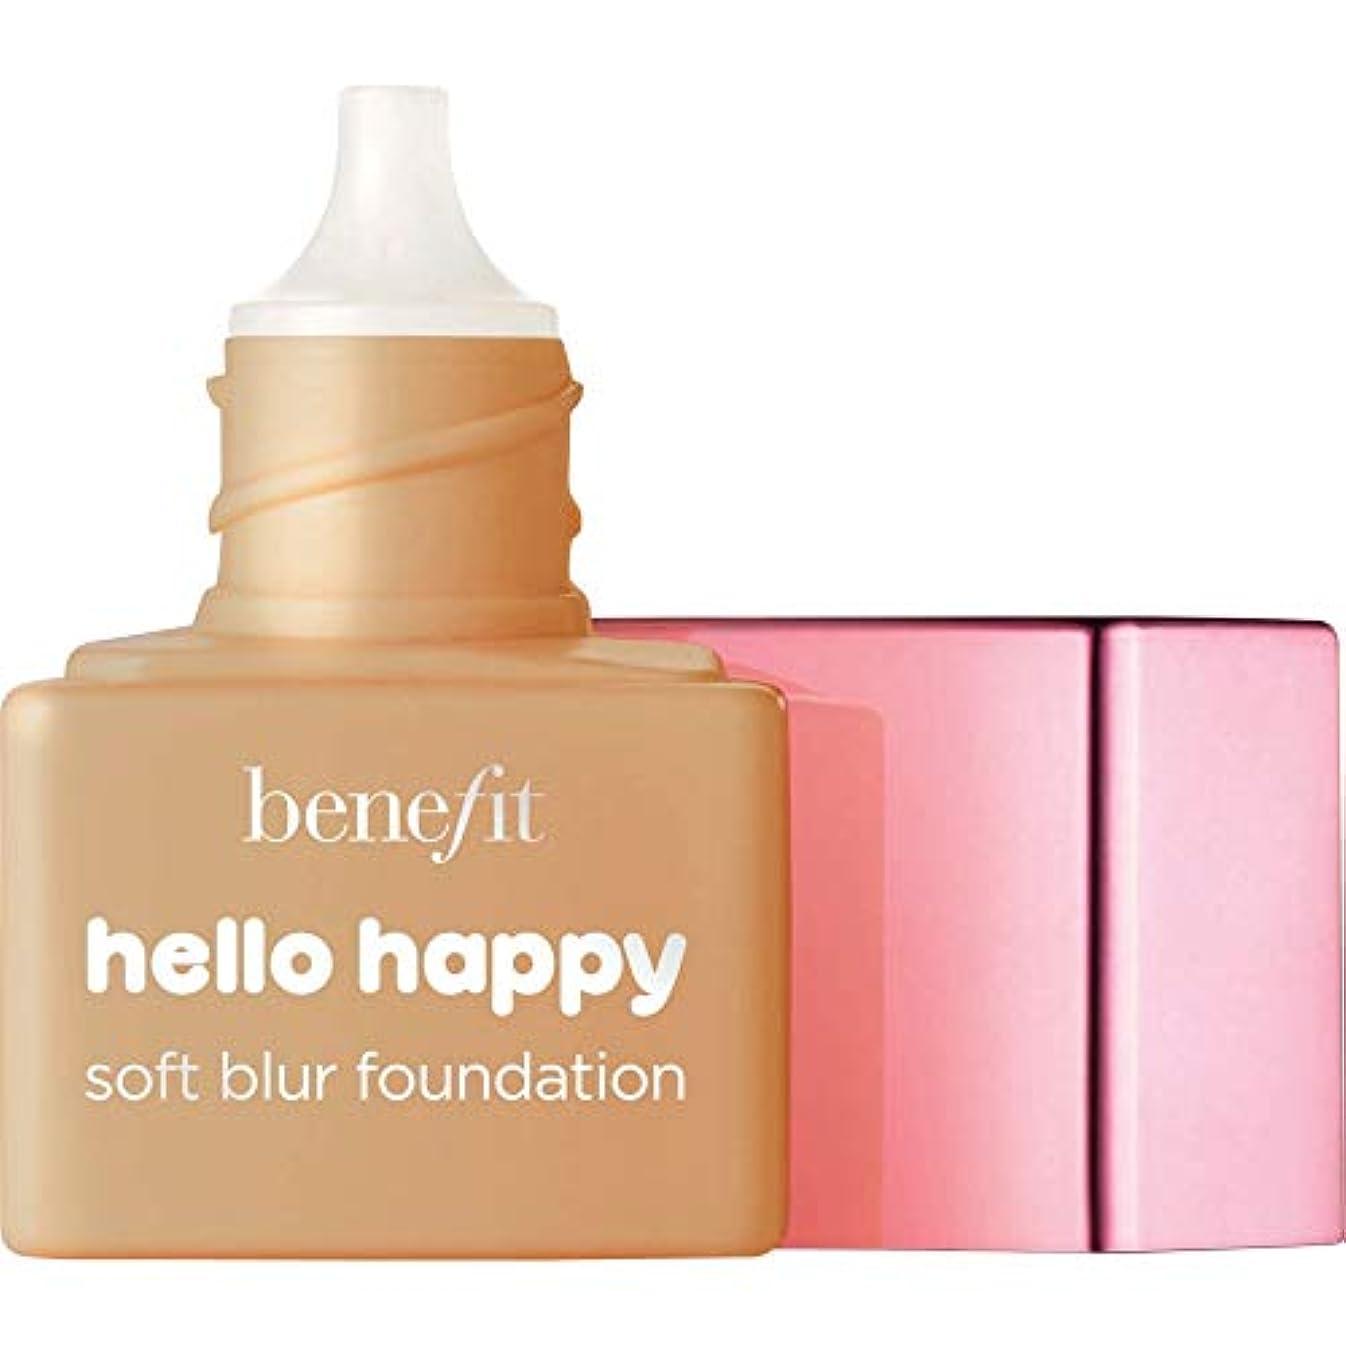 パーセント気取らないデッドロック[Benefit] ミニ6 - - こんにちは幸せソフトブラー基礎Spf15の6ミリリットルの利益温培地 - Benefit Hello Happy Soft Blur Foundation SPF15 6ml - Mini...